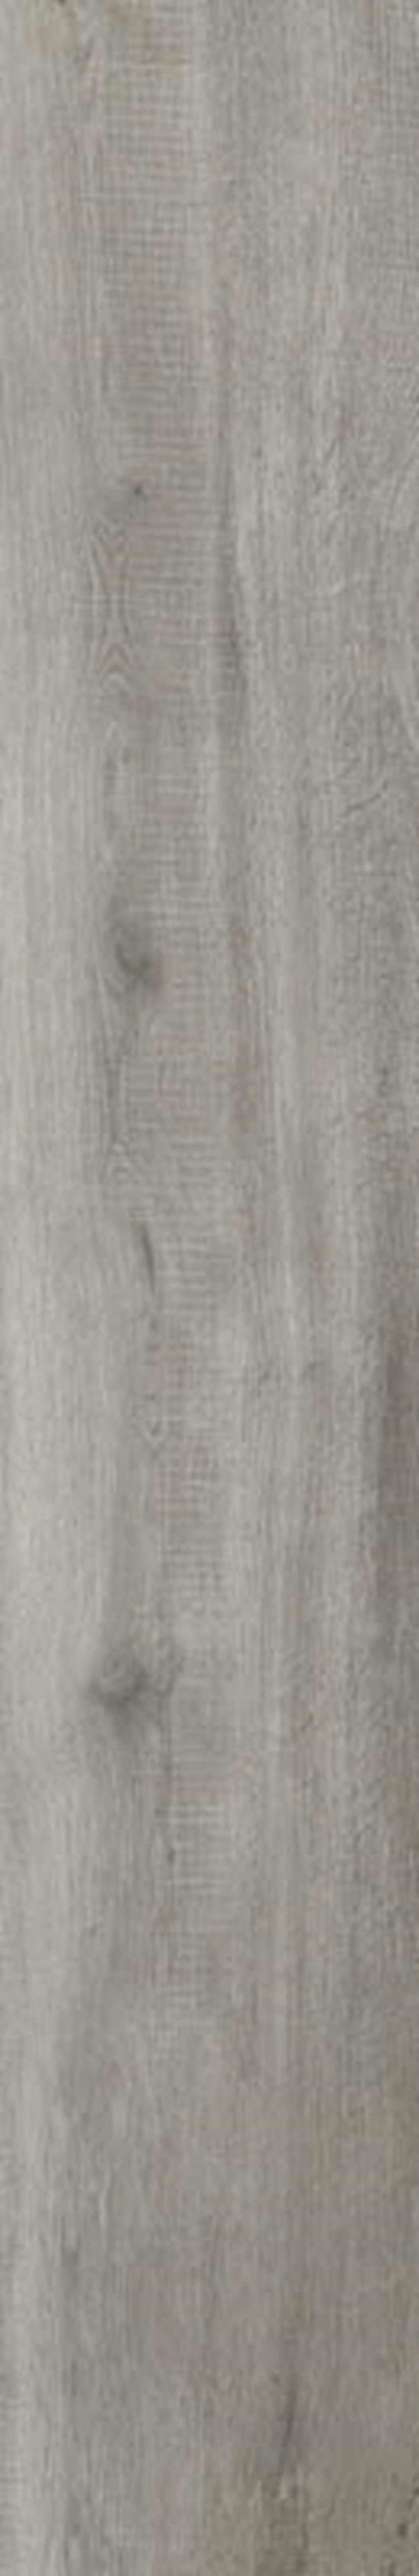 Płytka ścienno-podłogowa 29,4x180 cm Paradyż Tammi Grys Gres Szkl. Rekt. Mat.